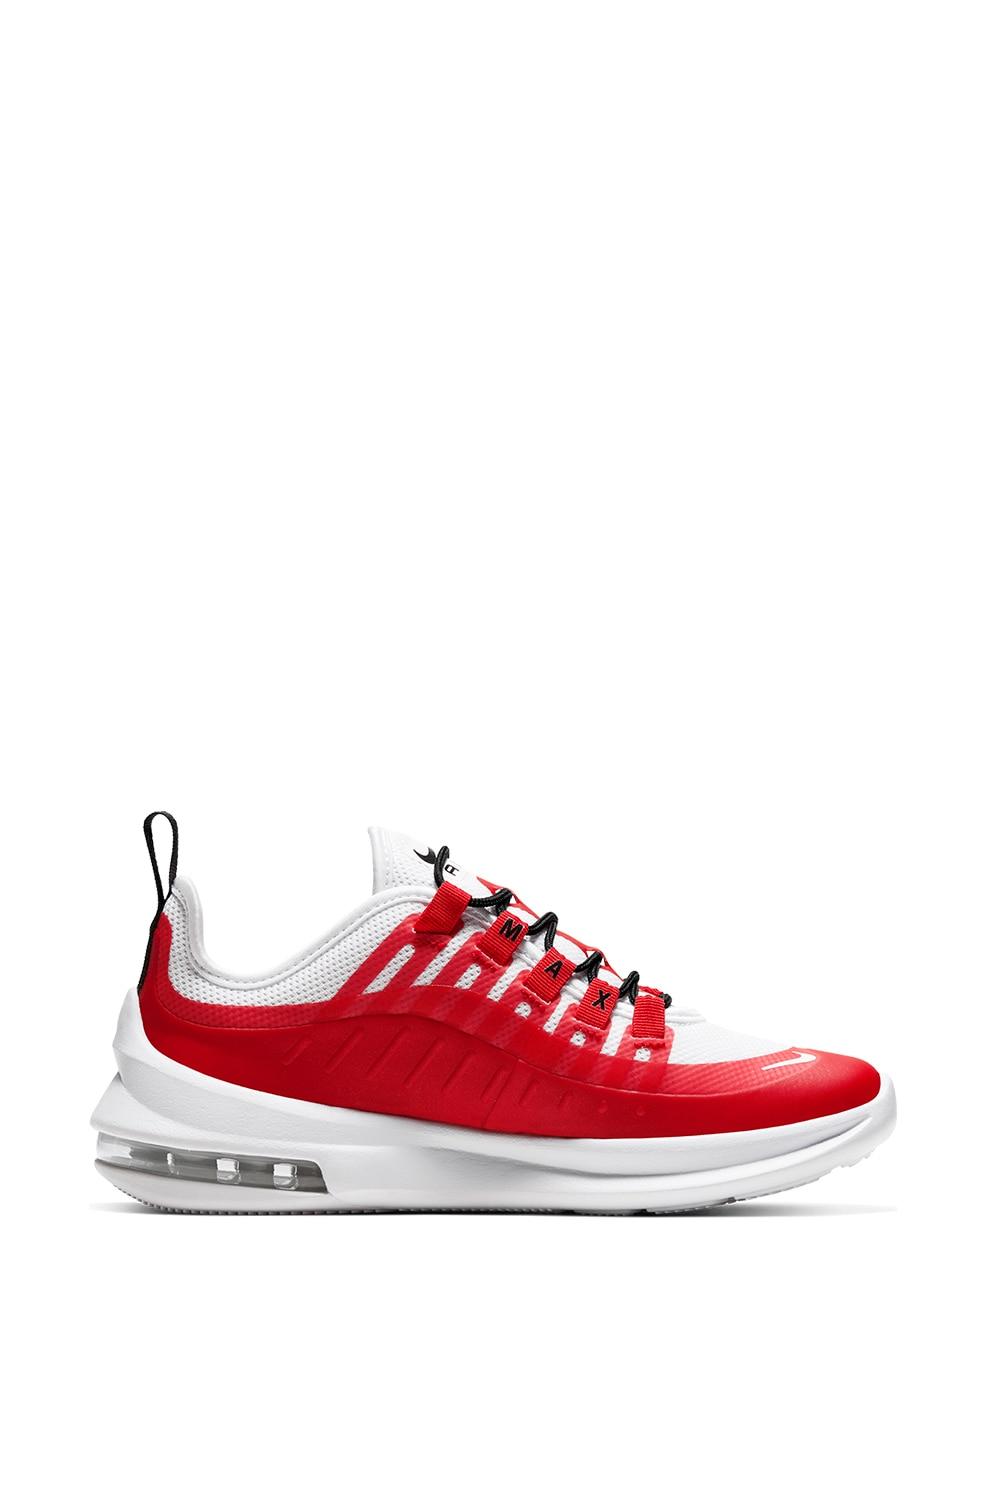 Nike, Air Max Axis sneaker, Piros/Fehér